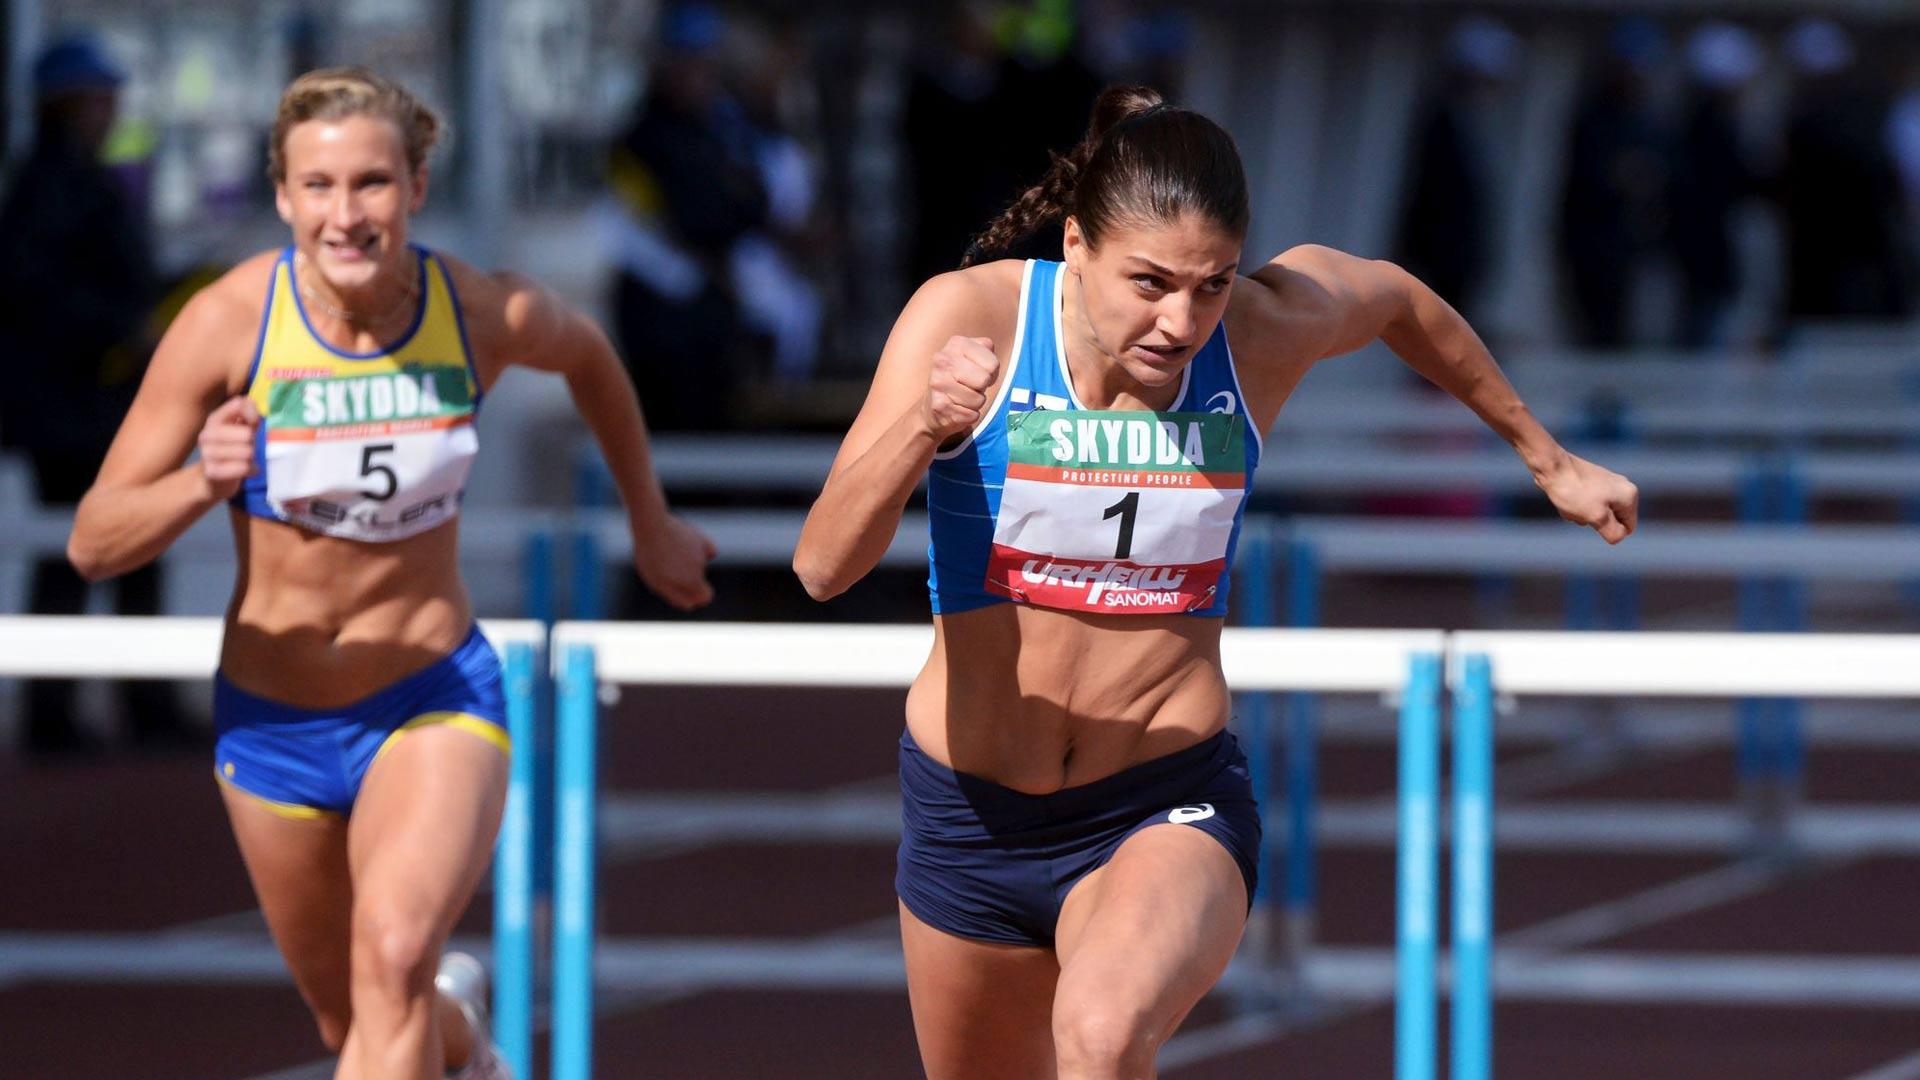 Olympiastadionilla on kilpailtu monet kiihkeät Suomi-Ruotsi-maaottelut. Suomi otti naisten pika-aidoissa kolmoisvoiton Nooralotta Nezirin johdolla vuonna 2014.